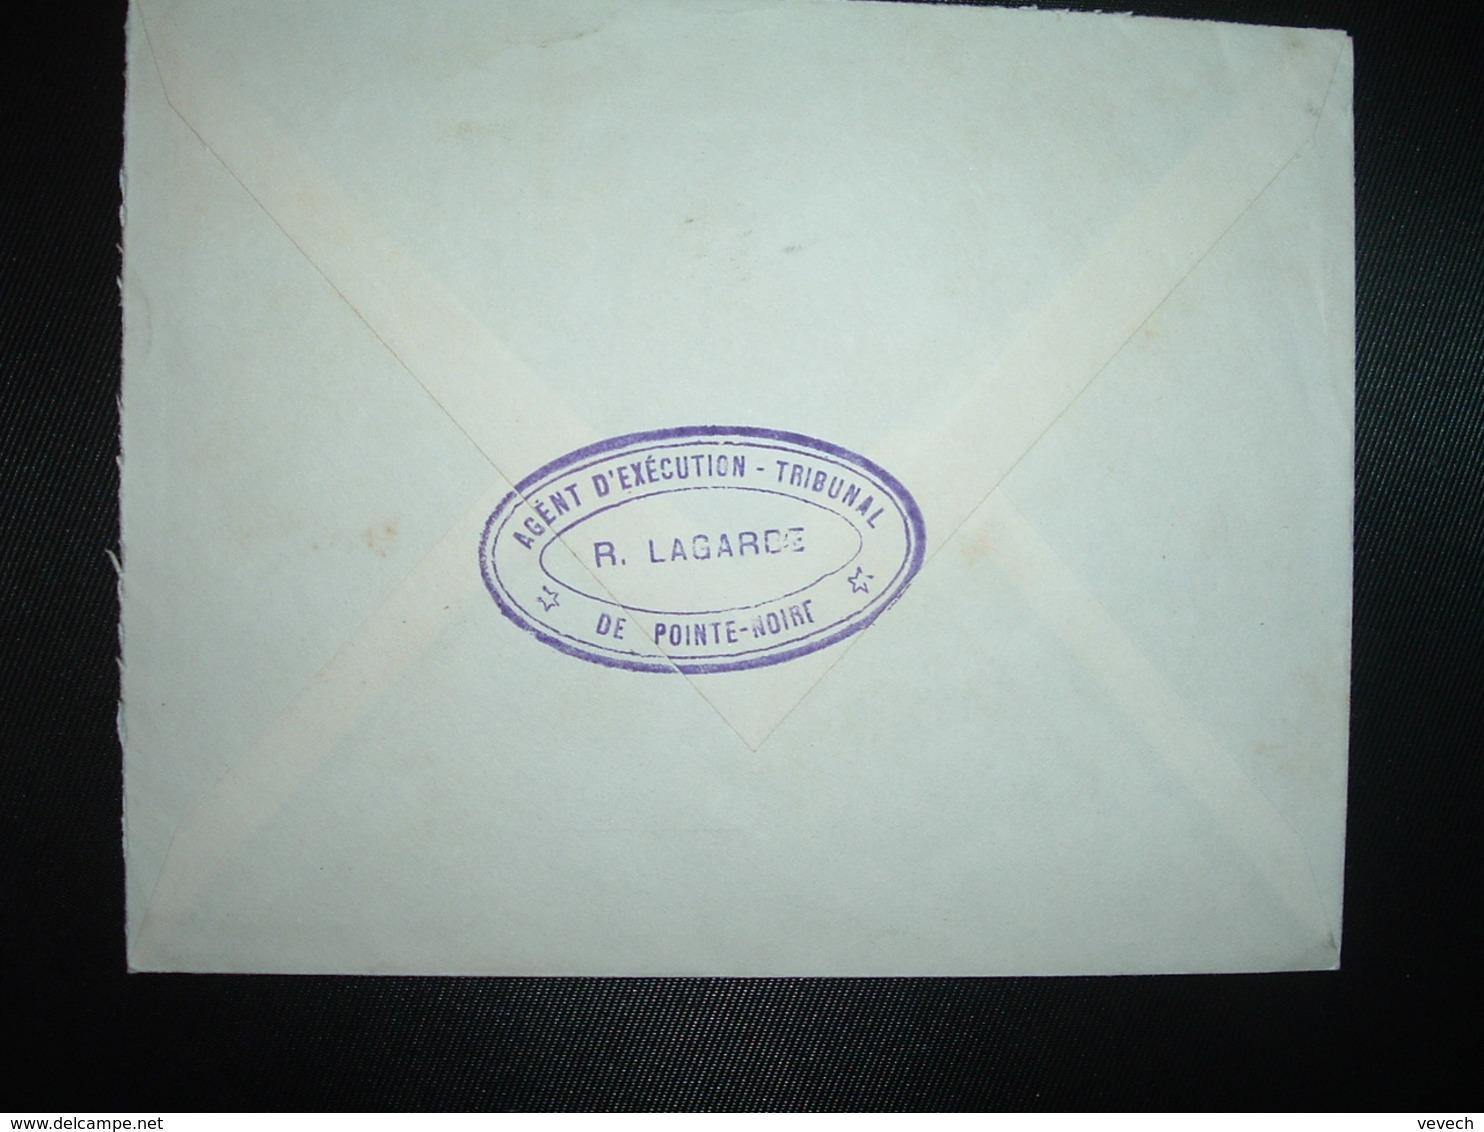 LETTRE  Pour La FRANCE TP 25F OBL.MEC.2-9 1961 PONTE NOIRE + R. LAGARCE AGENT D'EXECUTION DU TRIBUNAL - Congo - Brazzaville